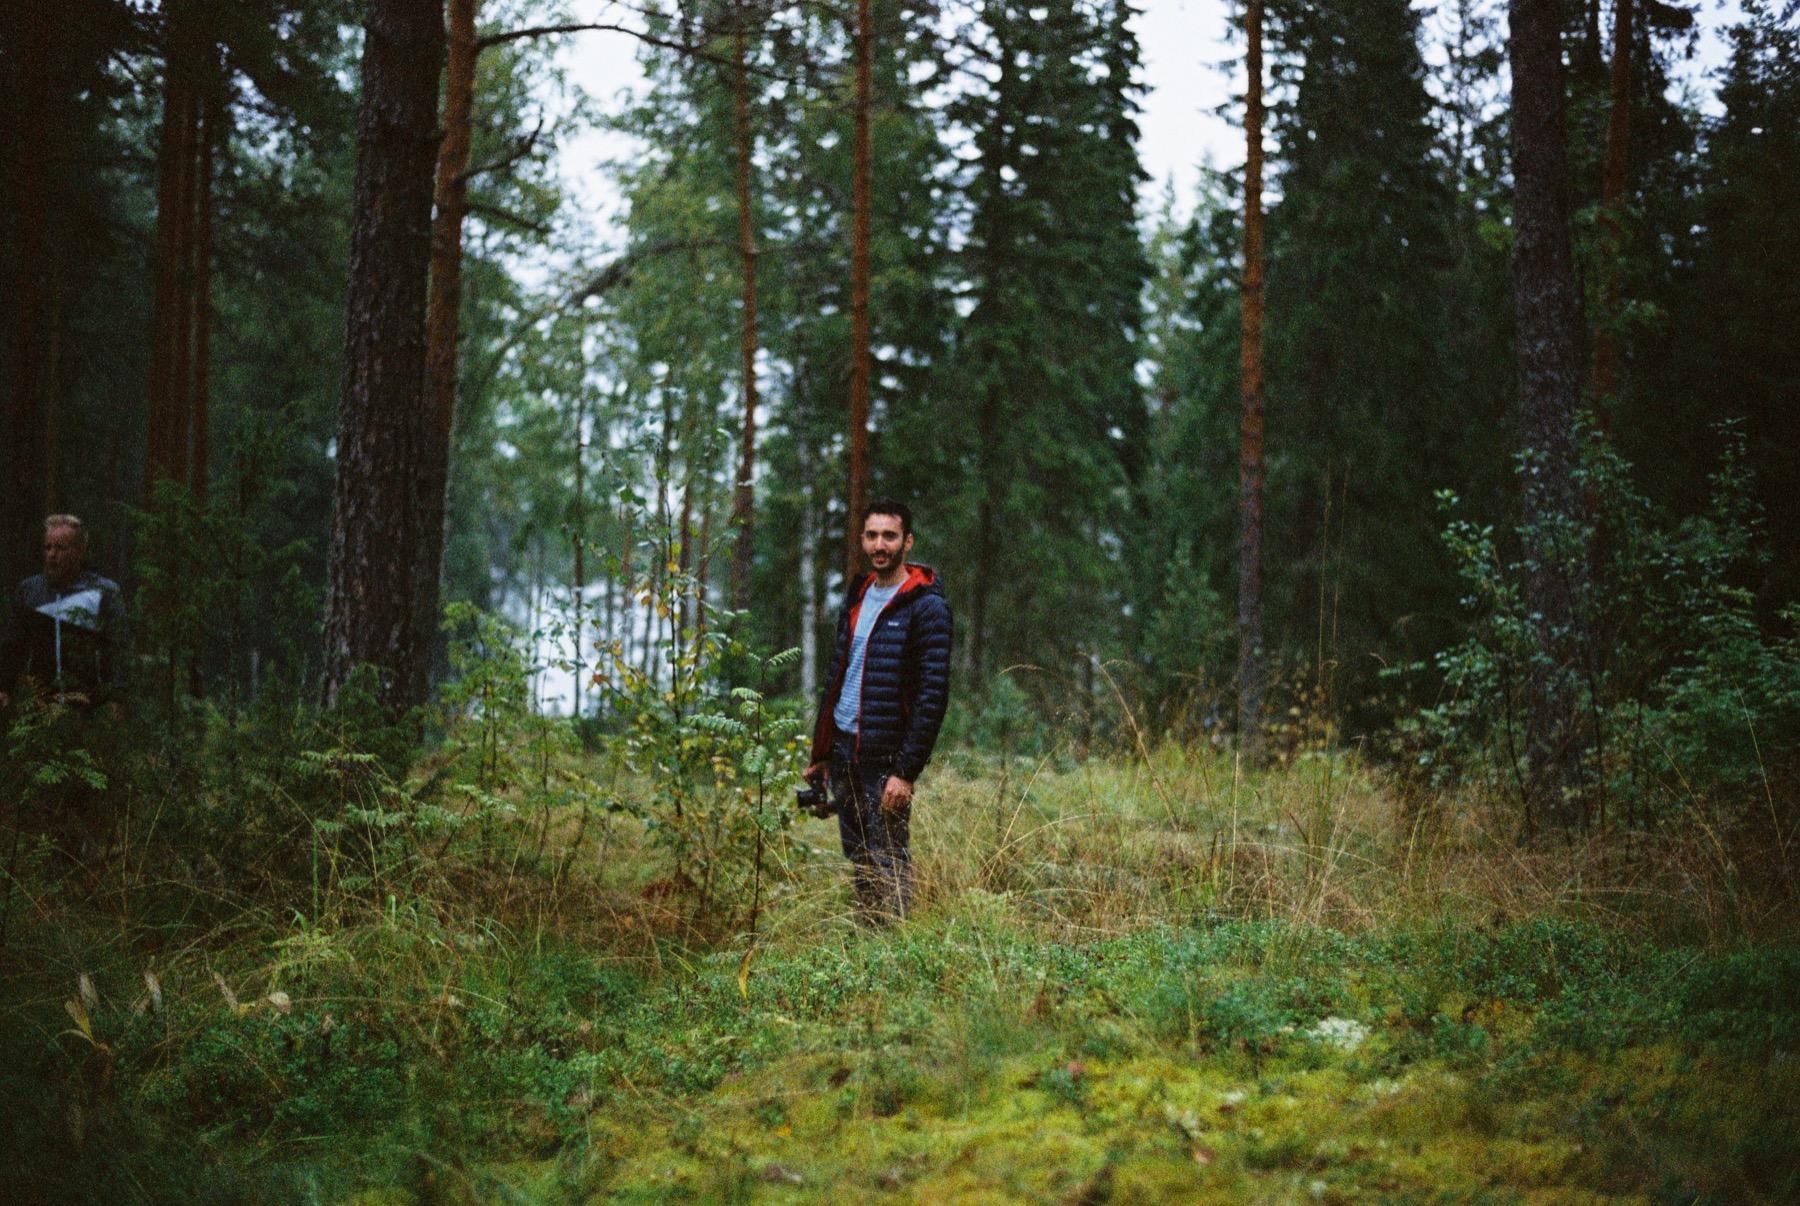 Voigtländer Bessa R3A | Helsinki | Jupiter-8 50mm f2 0 — cameraville